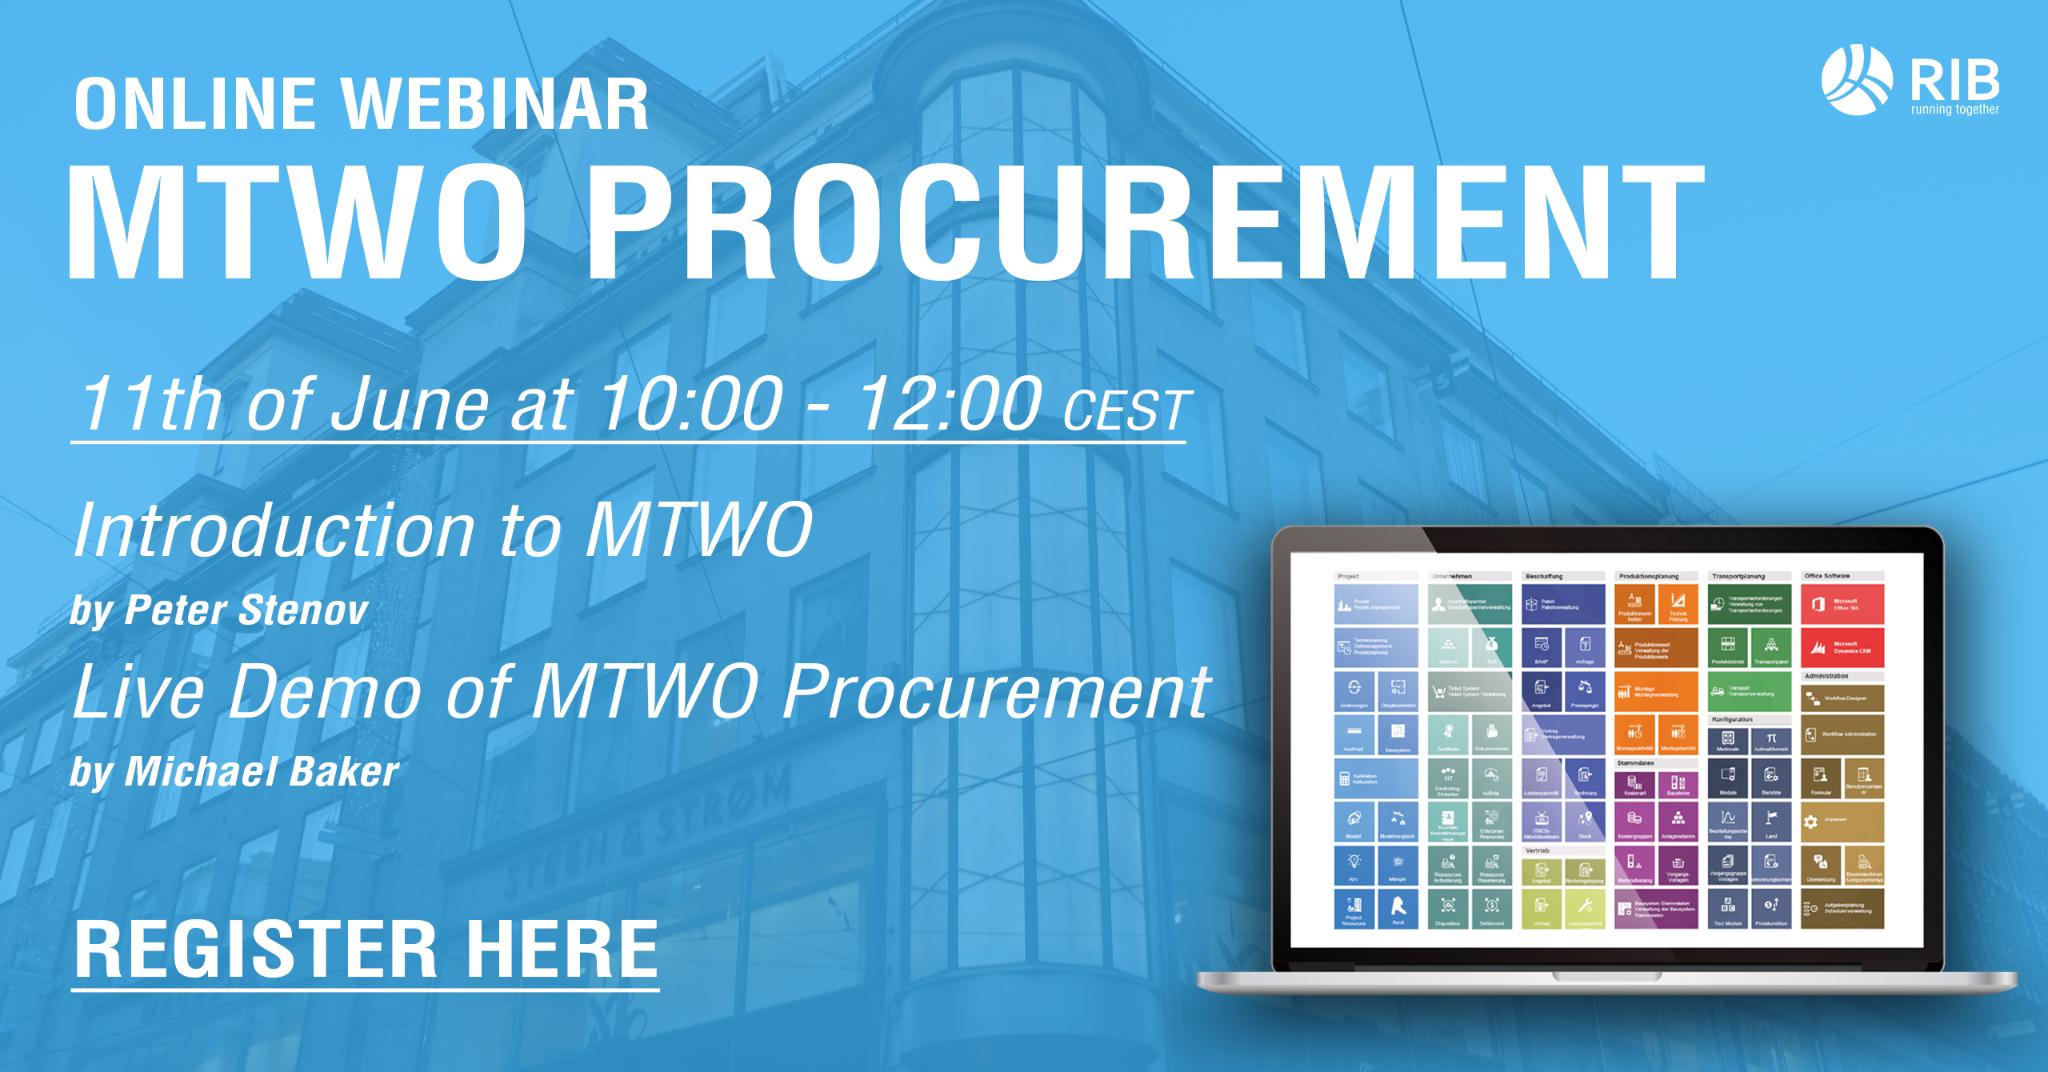 WEBINAR: MTWO Procurement